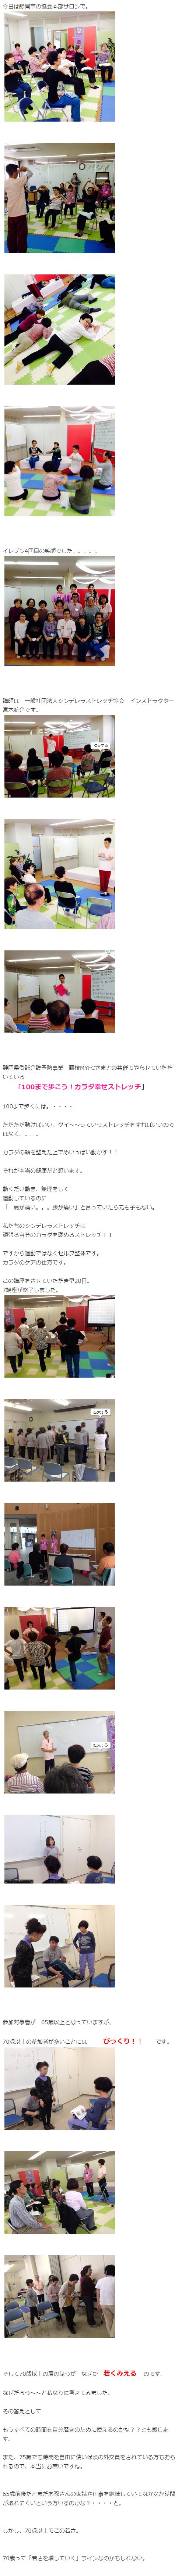 70歳のラインから大きく変わることがある~静岡県委託介護予防事業~|小森やよいのシンデレラストレッチ (1)